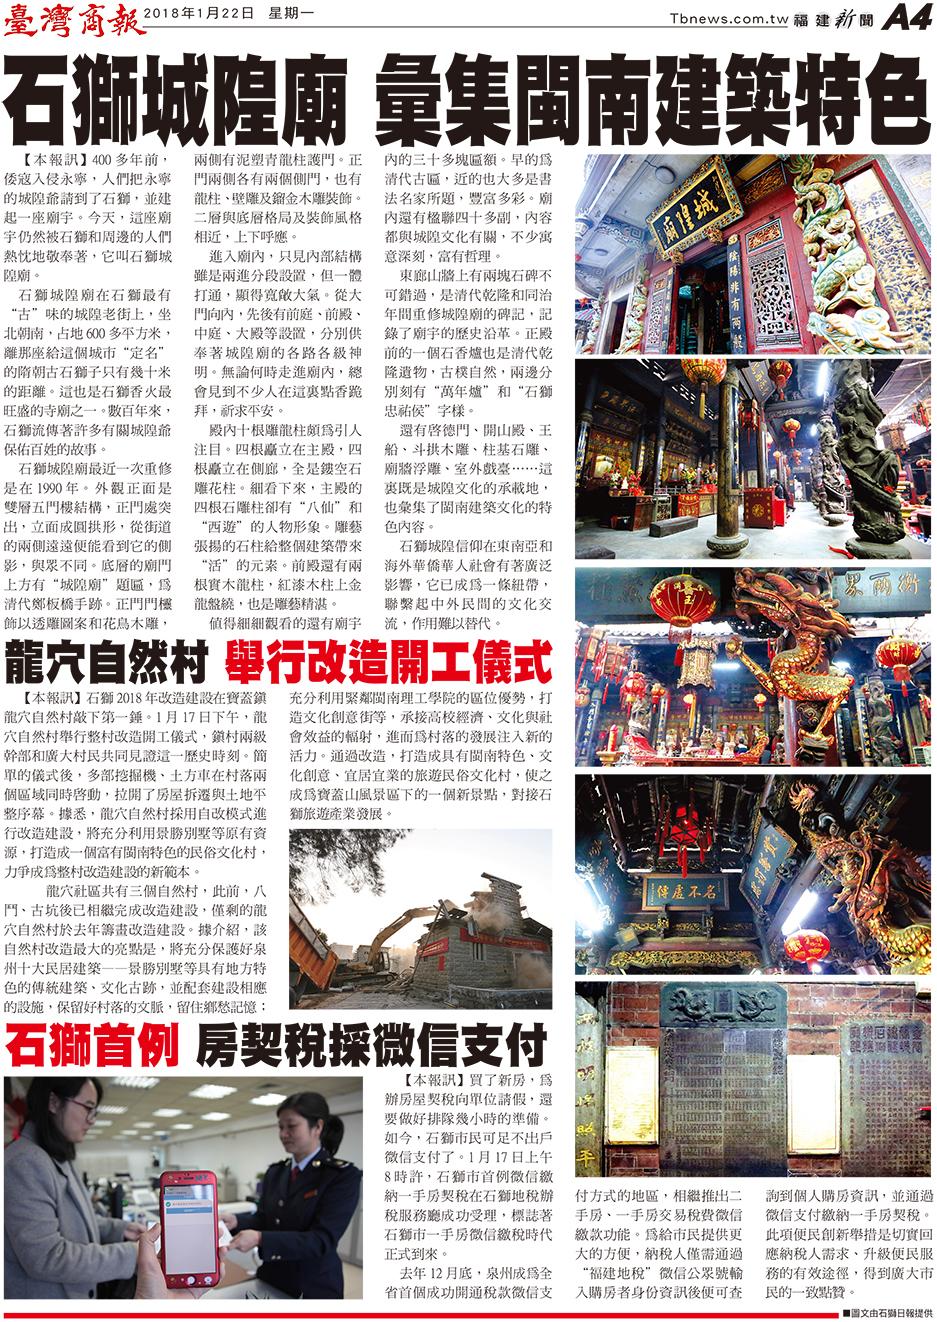 石獅城隍廟 彙集閩南建築特色